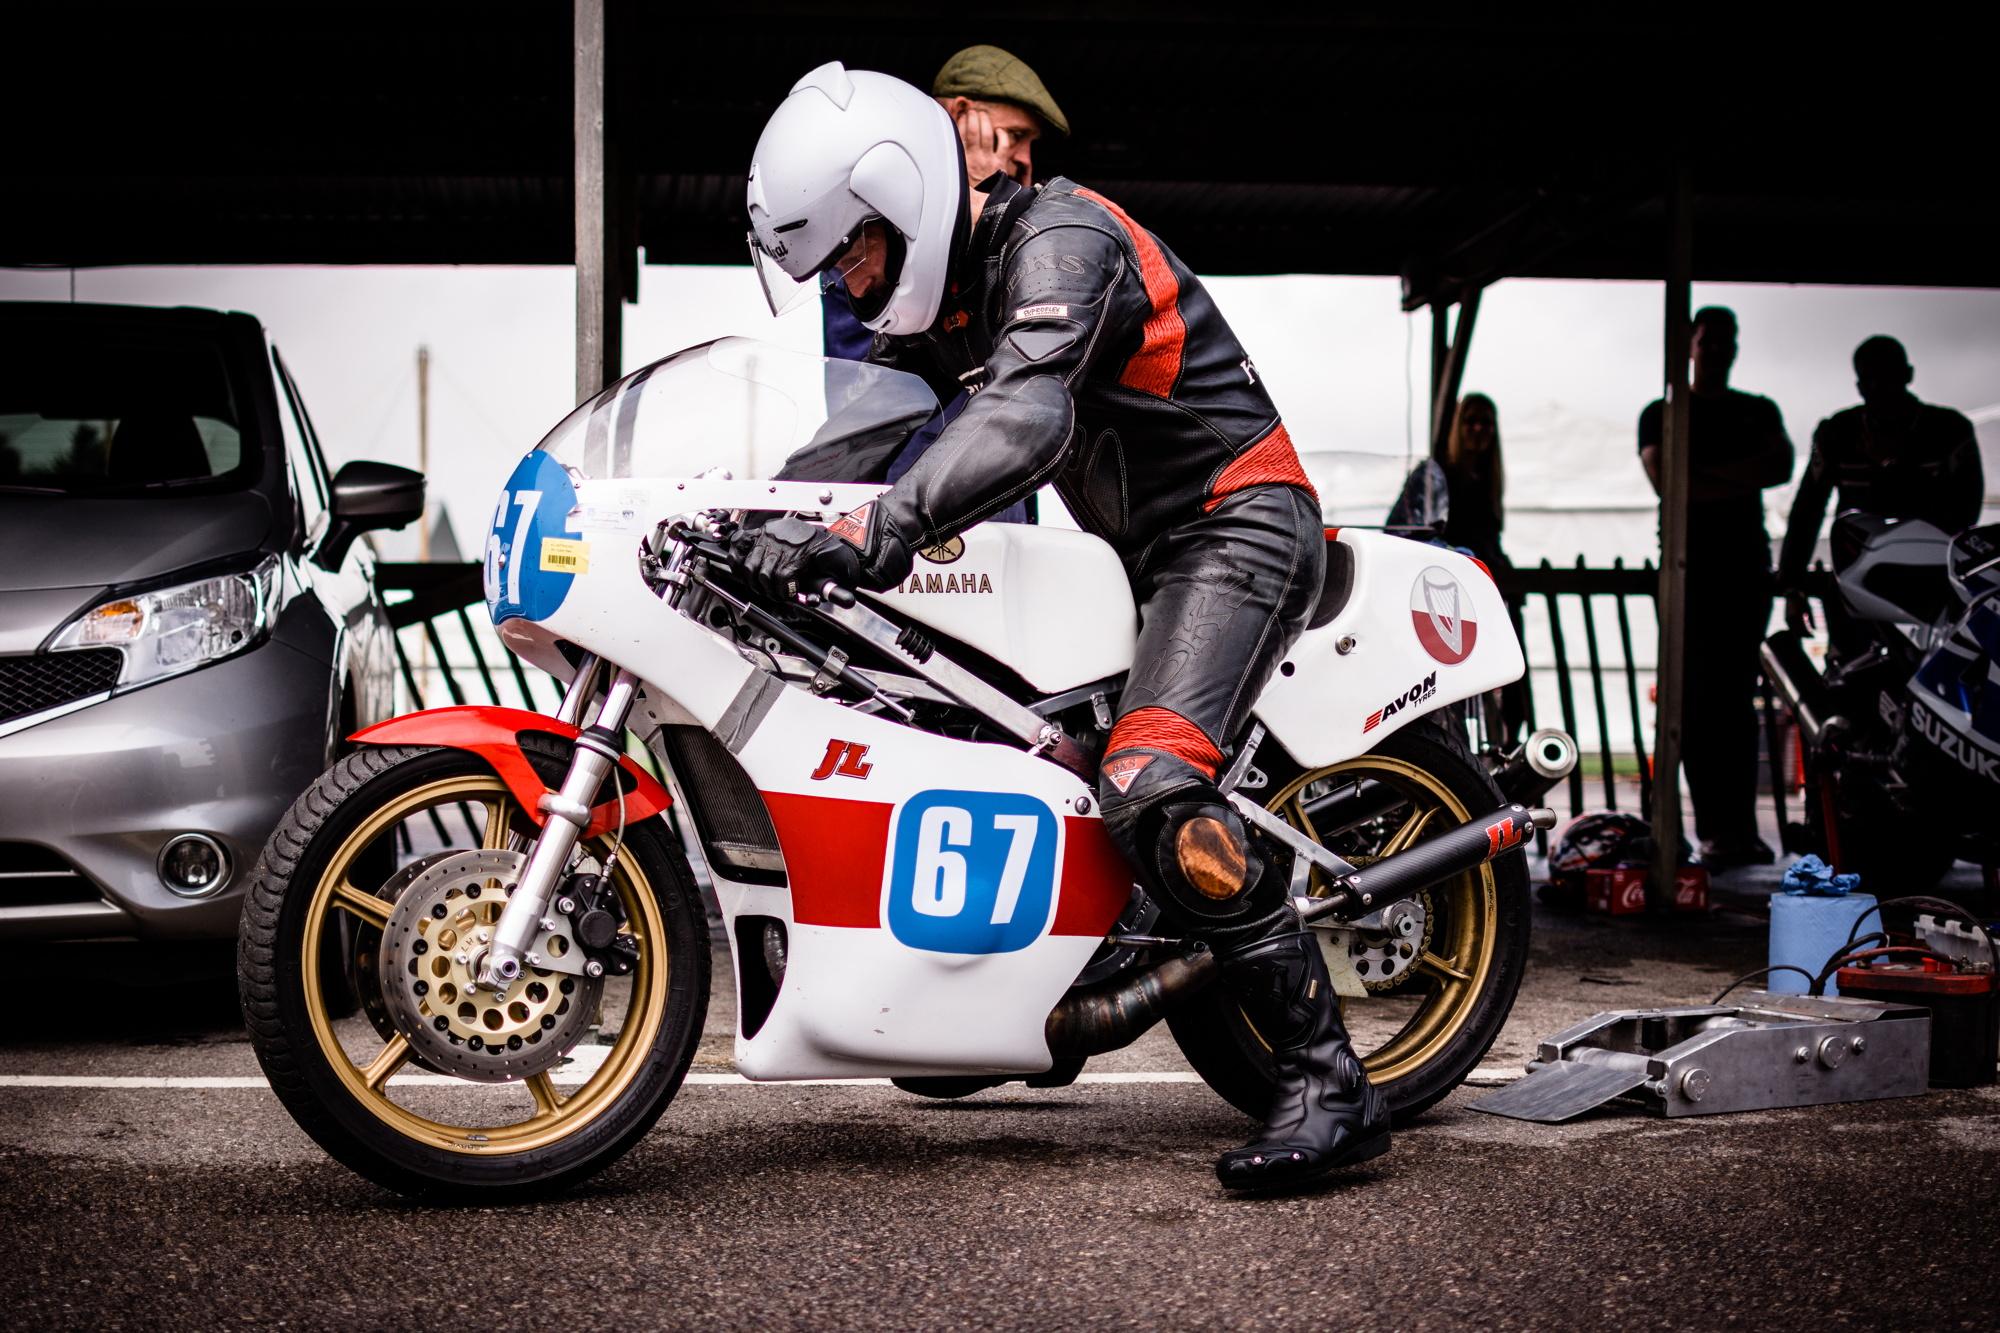 Yamaha 250cc Goodwood Revival testing